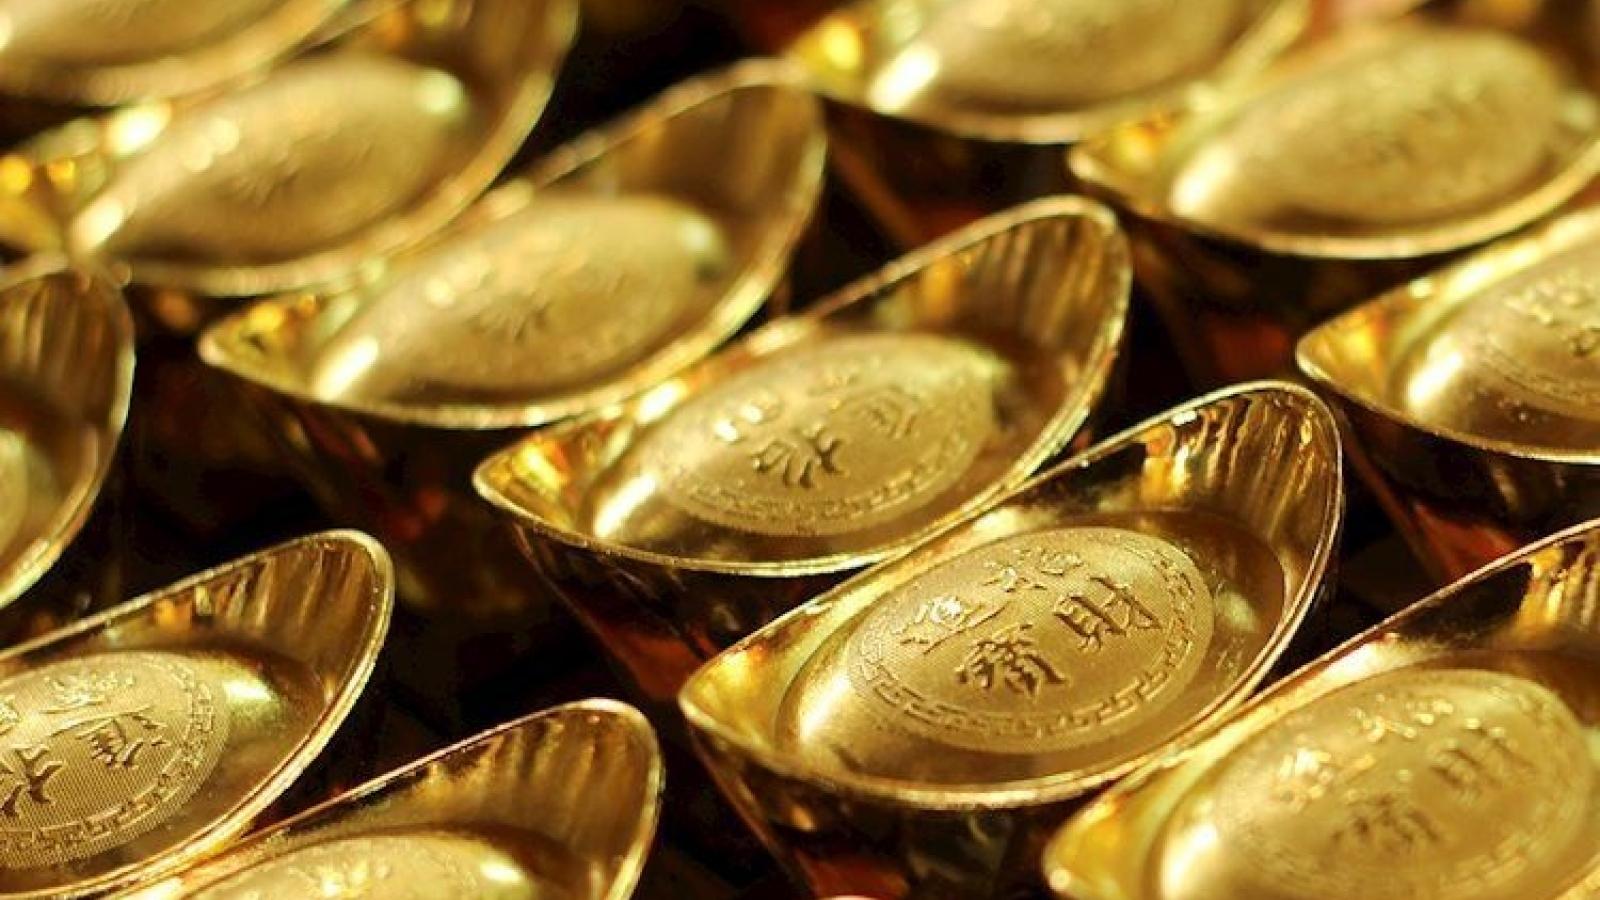 Giá vàng thế giới giảm mạnh, thấp hơn giá bán vàng SJC 6,43 triệu đồng/lượng